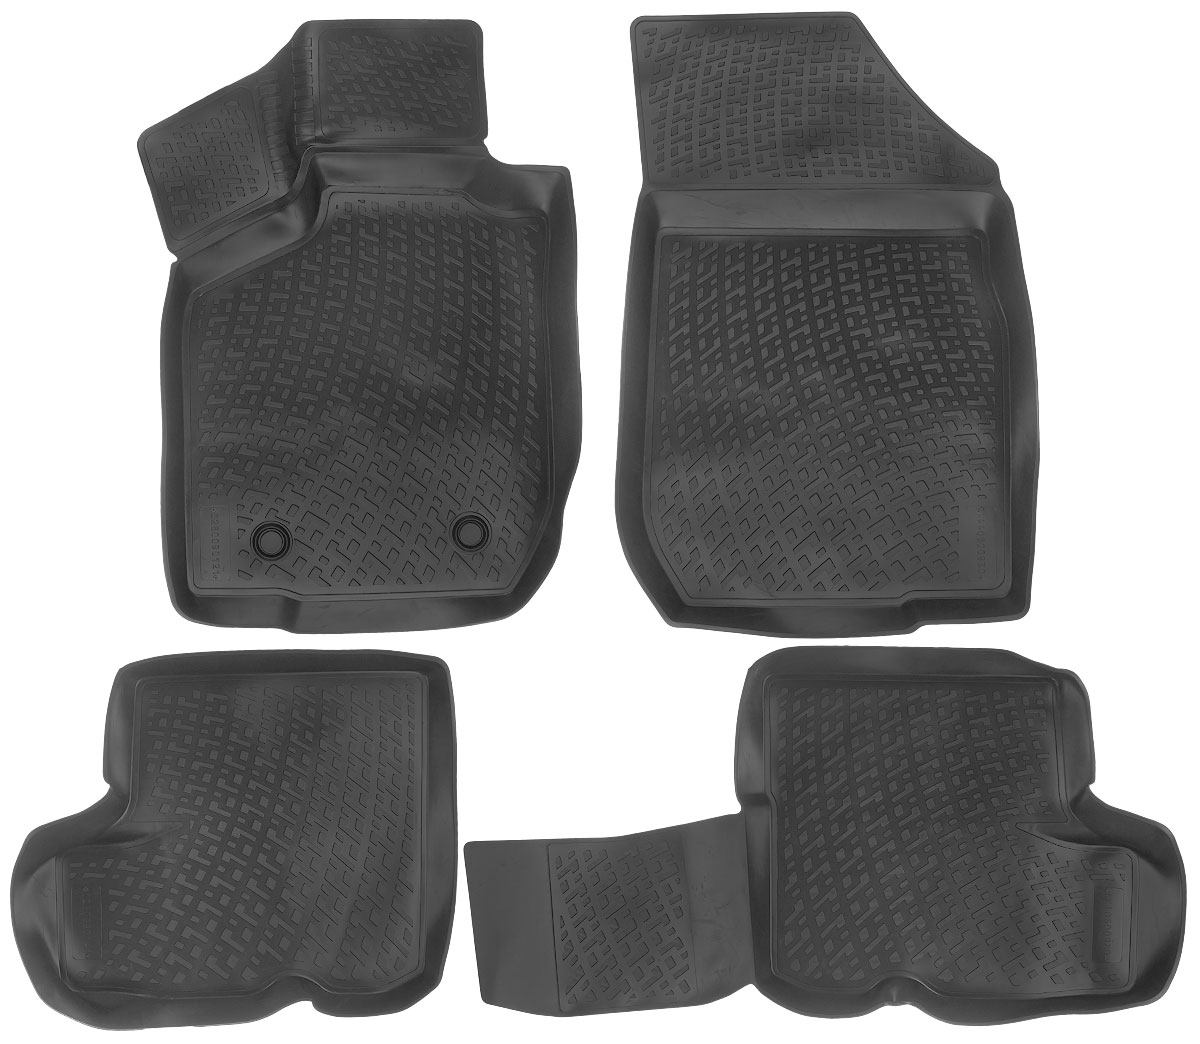 Набор автомобильных ковриков L.Locker Lada Largus 2012, в салон, 4 шт0280090101Набор L.Locker Lada Largus 2012, изготовленный из полиуретана, состоит из 4 ковриков,которые производятся индивидуально для каждой моделиавтомобиля. Изделие точно повторяет геометрию пола автомобиля, имеет высокийборт, обладает повышенной износоустойчивостью, лишено резкого запаха и сохраняет своипотребительские свойства в широком диапазоне температур от -50°С до +80°С.Комплектация: 4 шт.Размер ковриков: 81 см х 56 см; 81 см х 56 см; 91 см х 50 см; 50 см х 57 см.